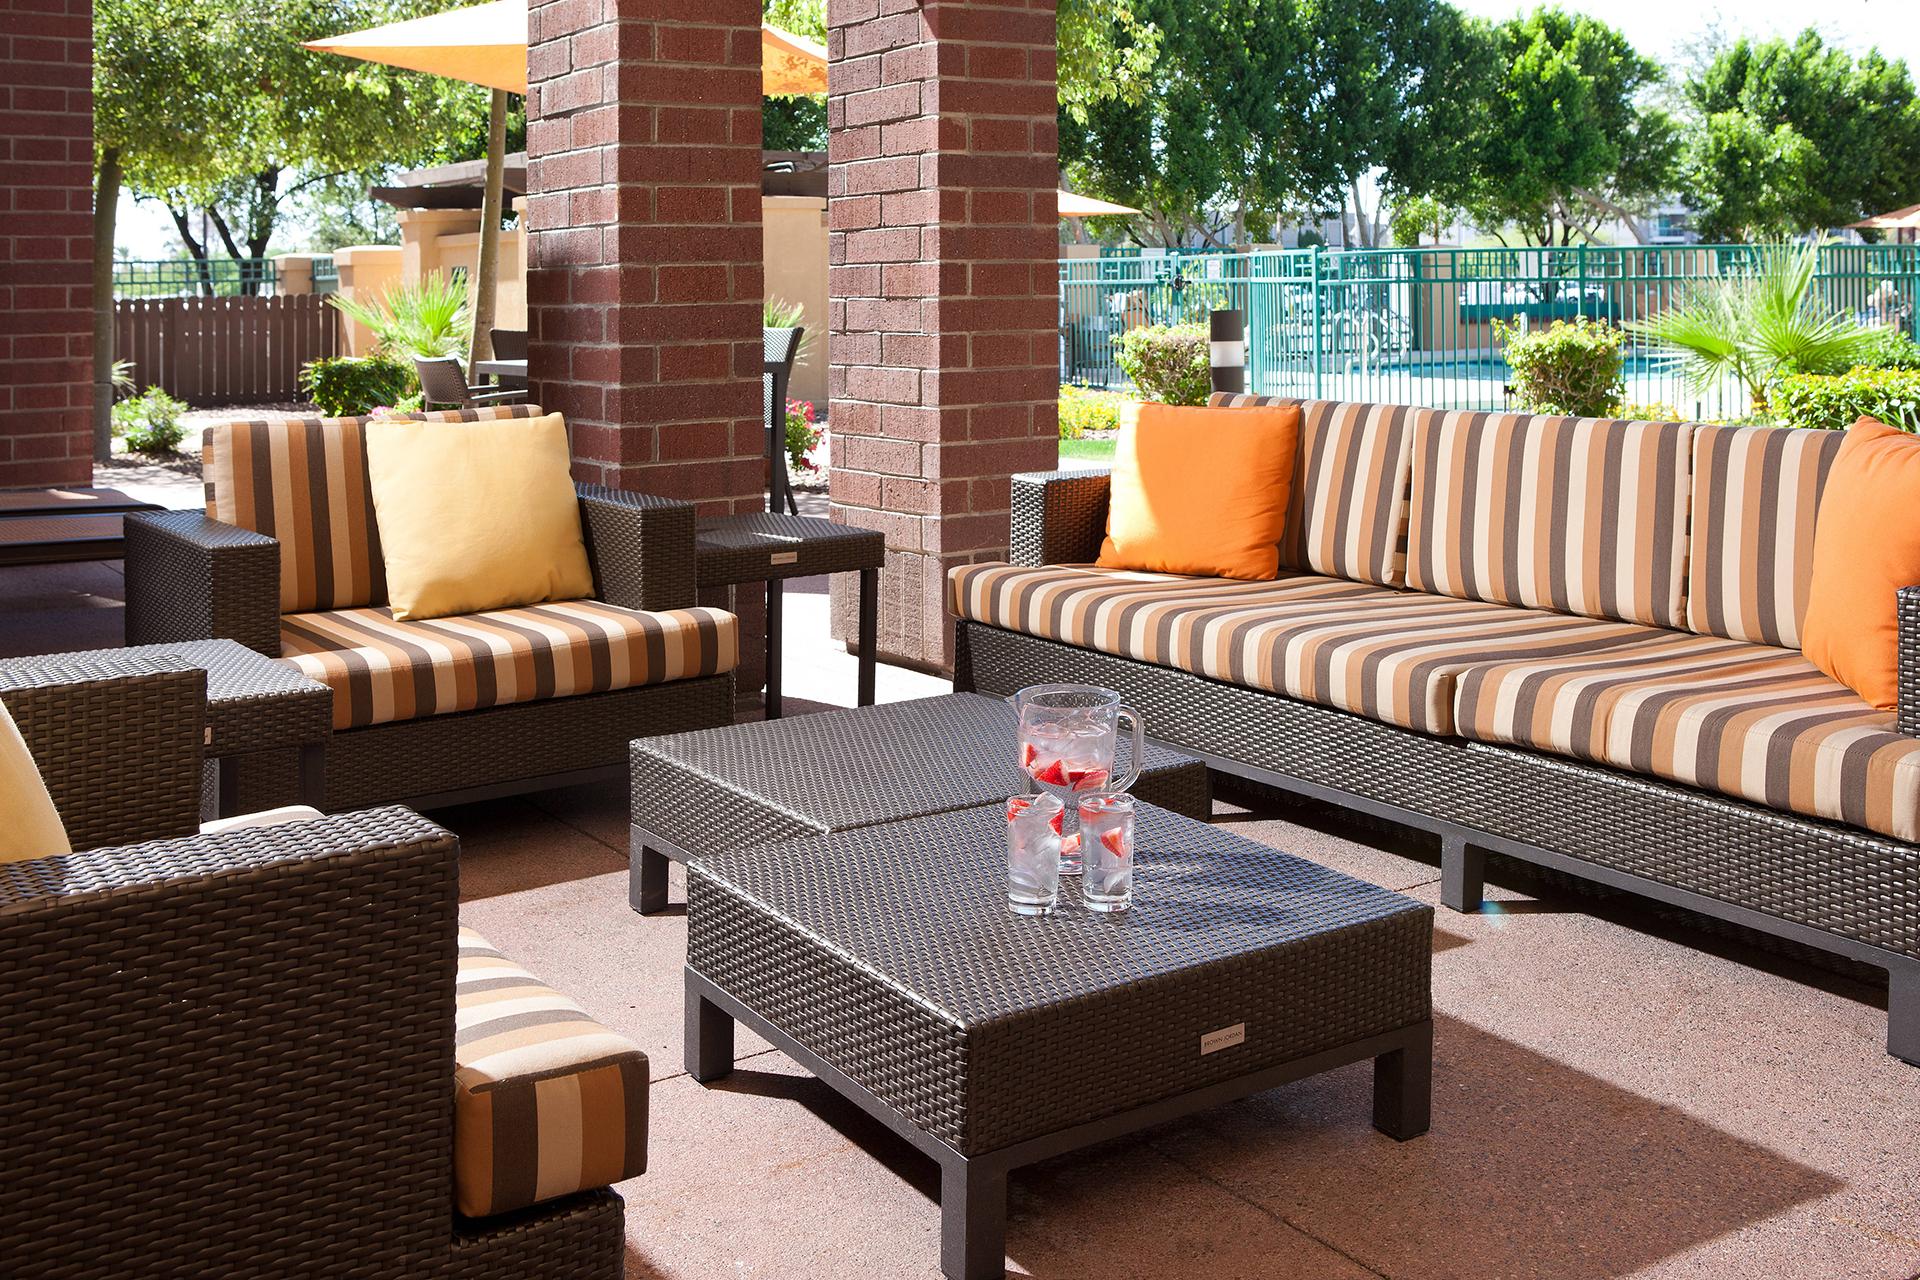 Sonesta Select Tempe Outdoor Terrace